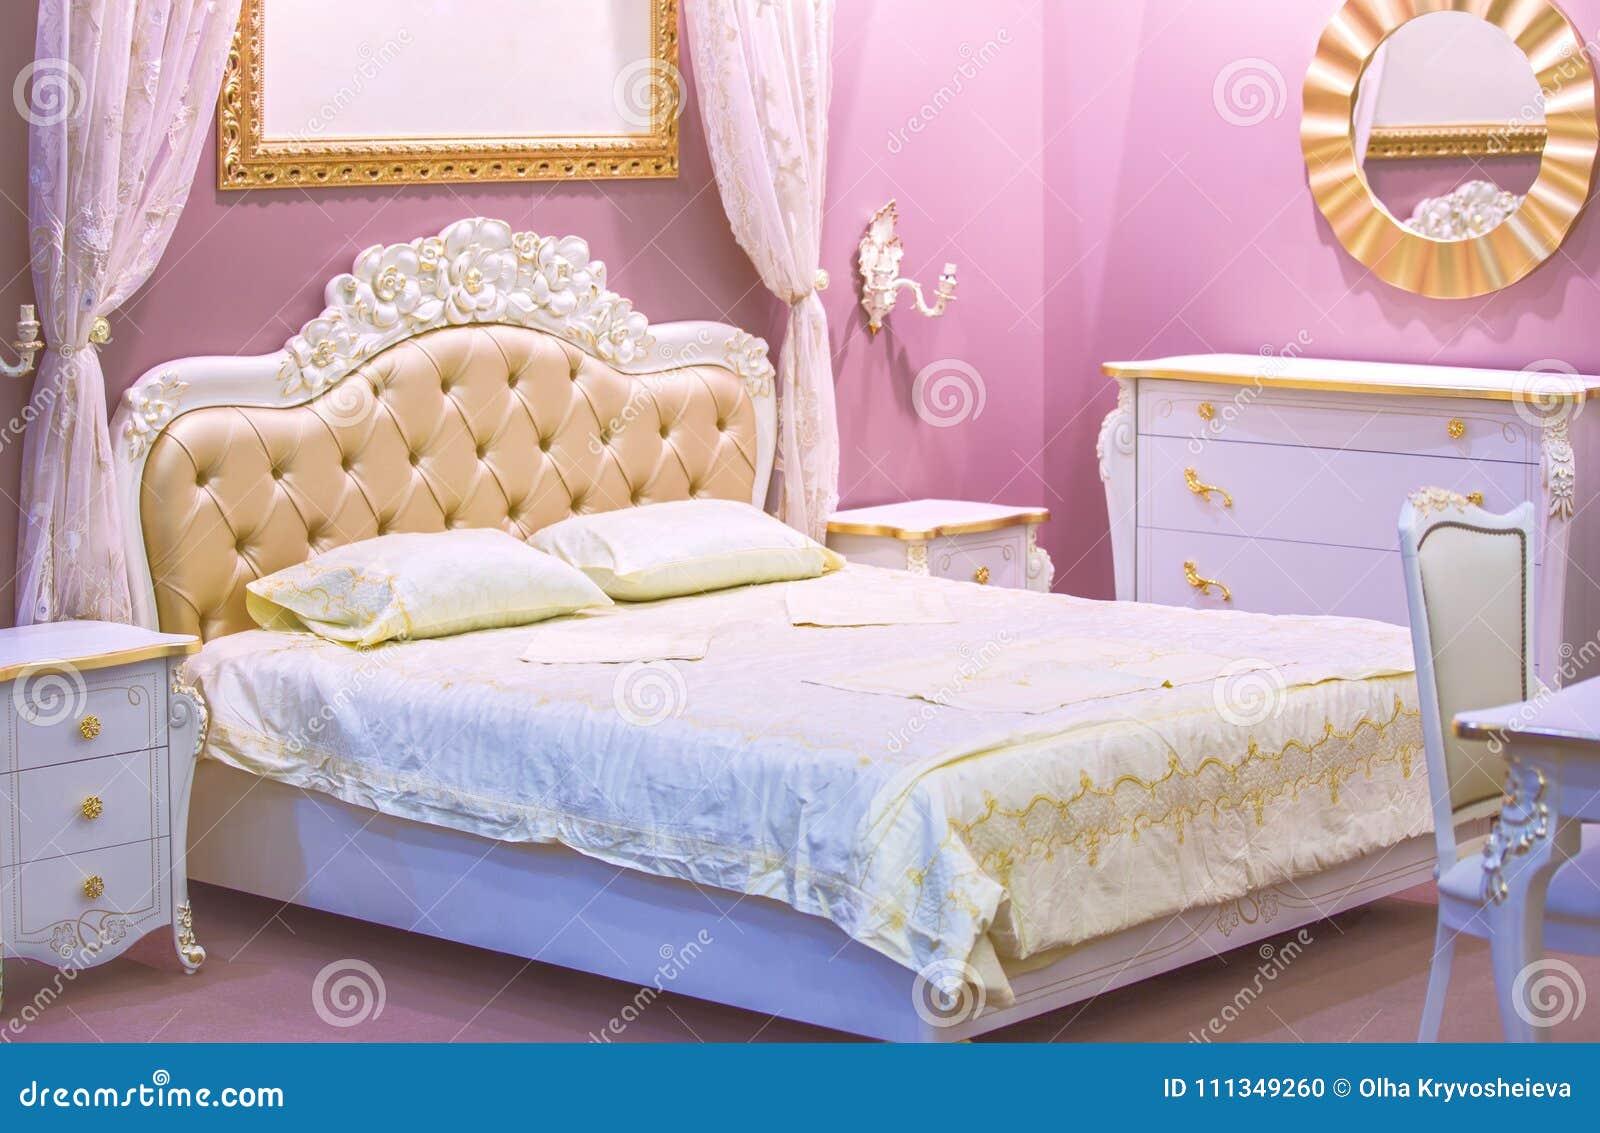 Camere Da Letto Rosa Antico : Camera da letto bianca e rosa di lusso nello stile antico con la